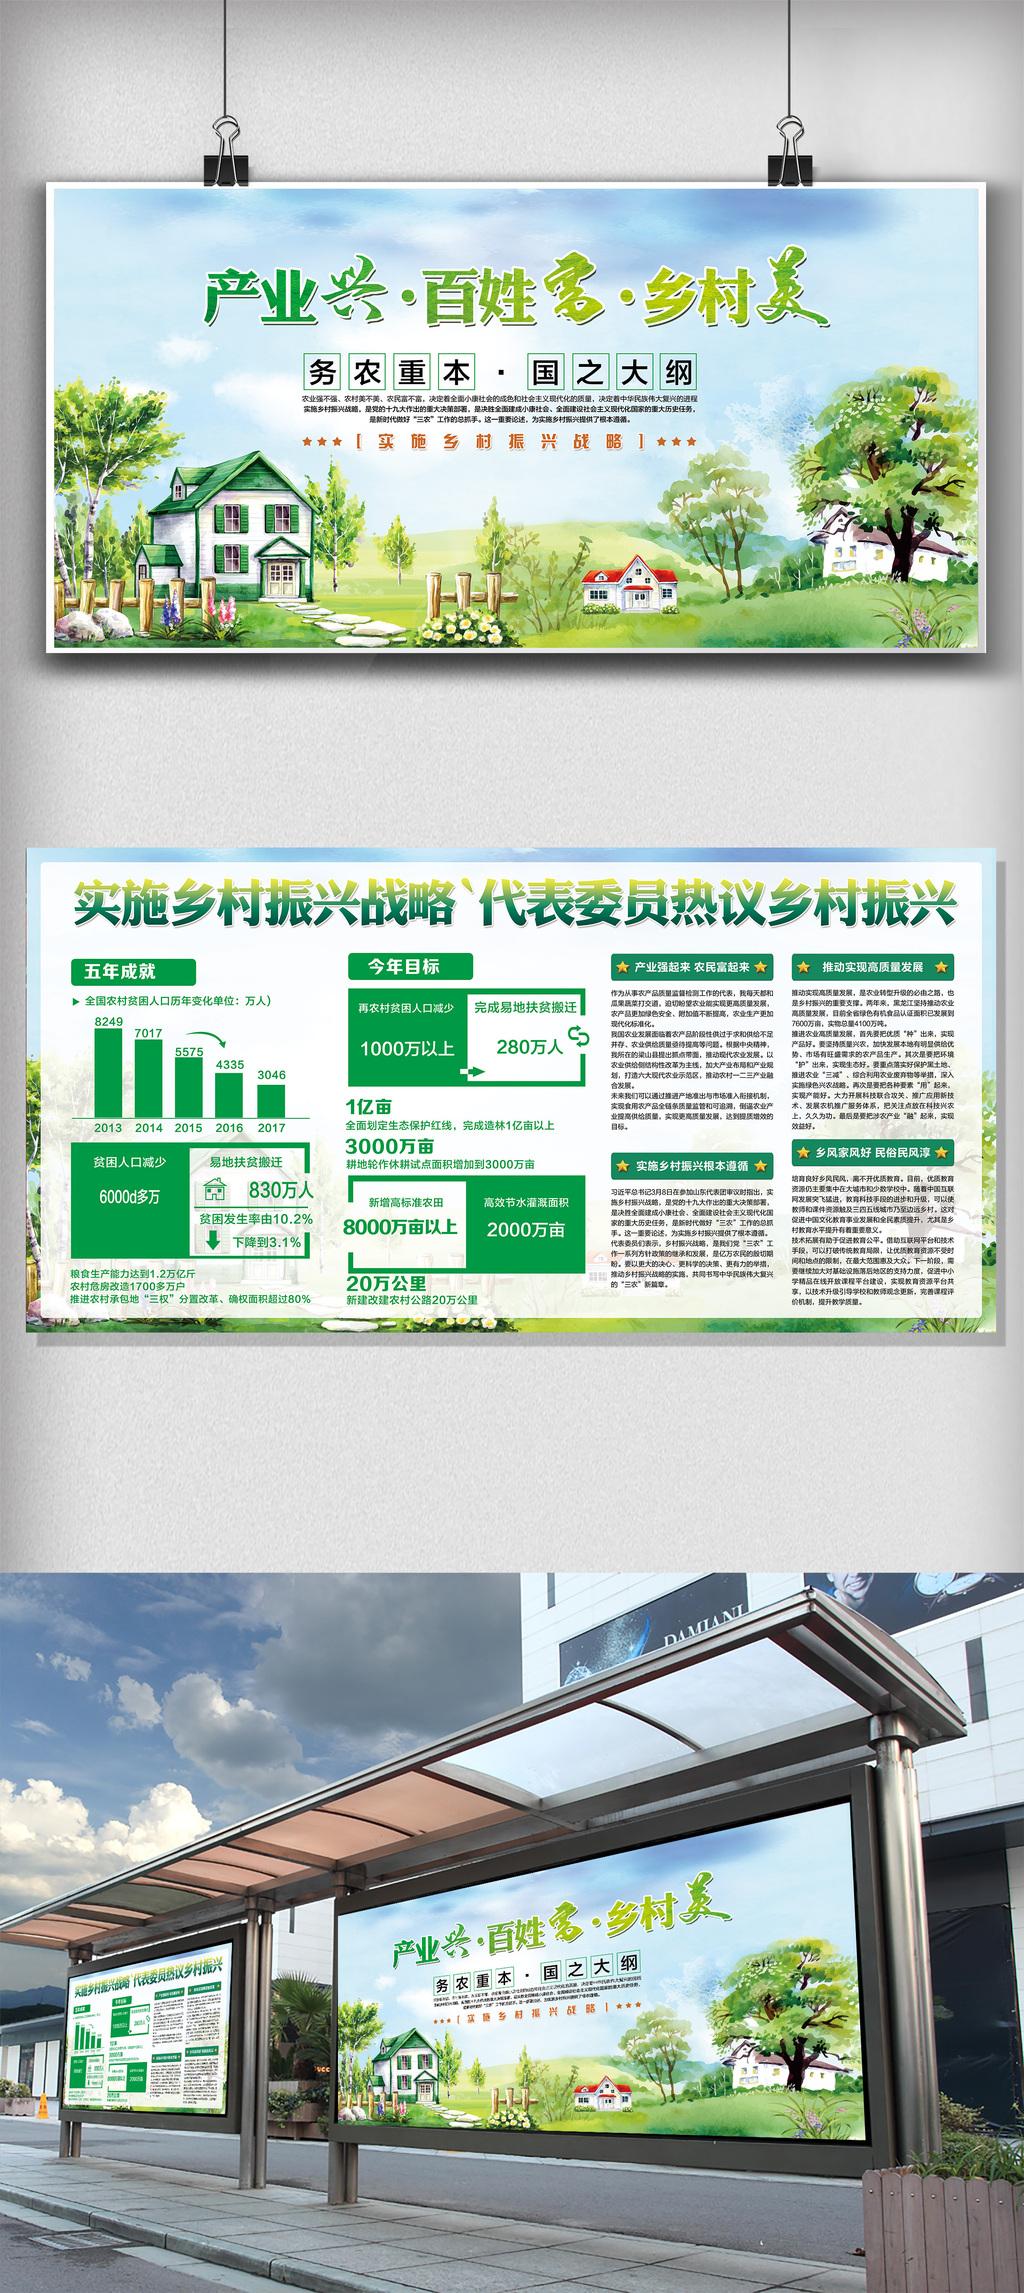 原创设计绿色创意乡村振兴党建宣传展板素材是用户qq4edb3e92在2018